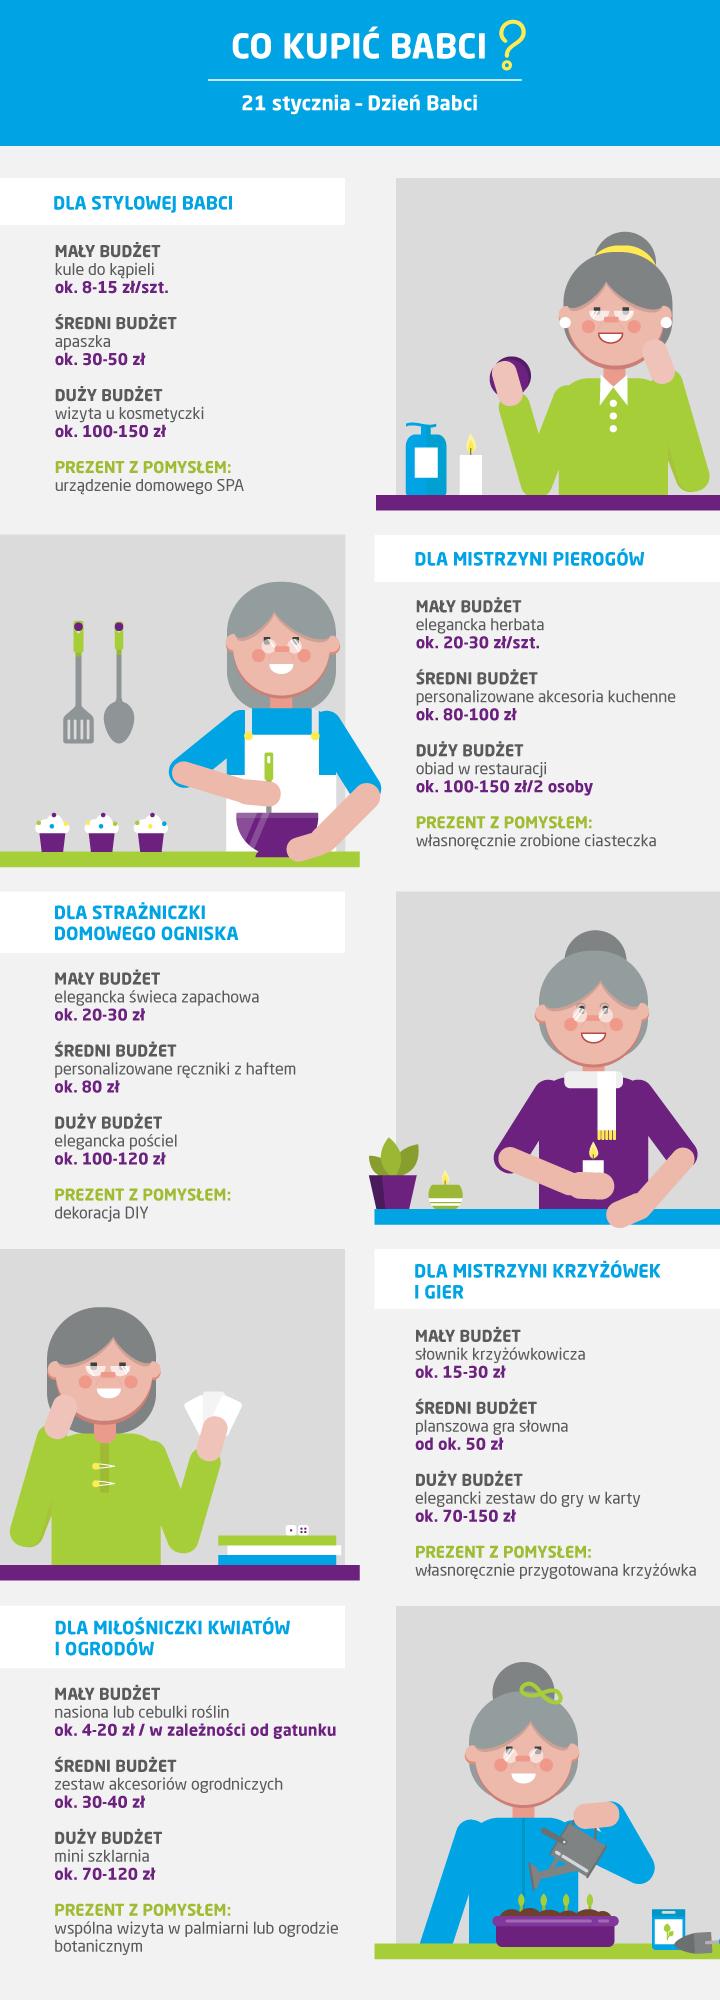 Co kupić babci? Pomysły na prezent z okazji Dnia Babci